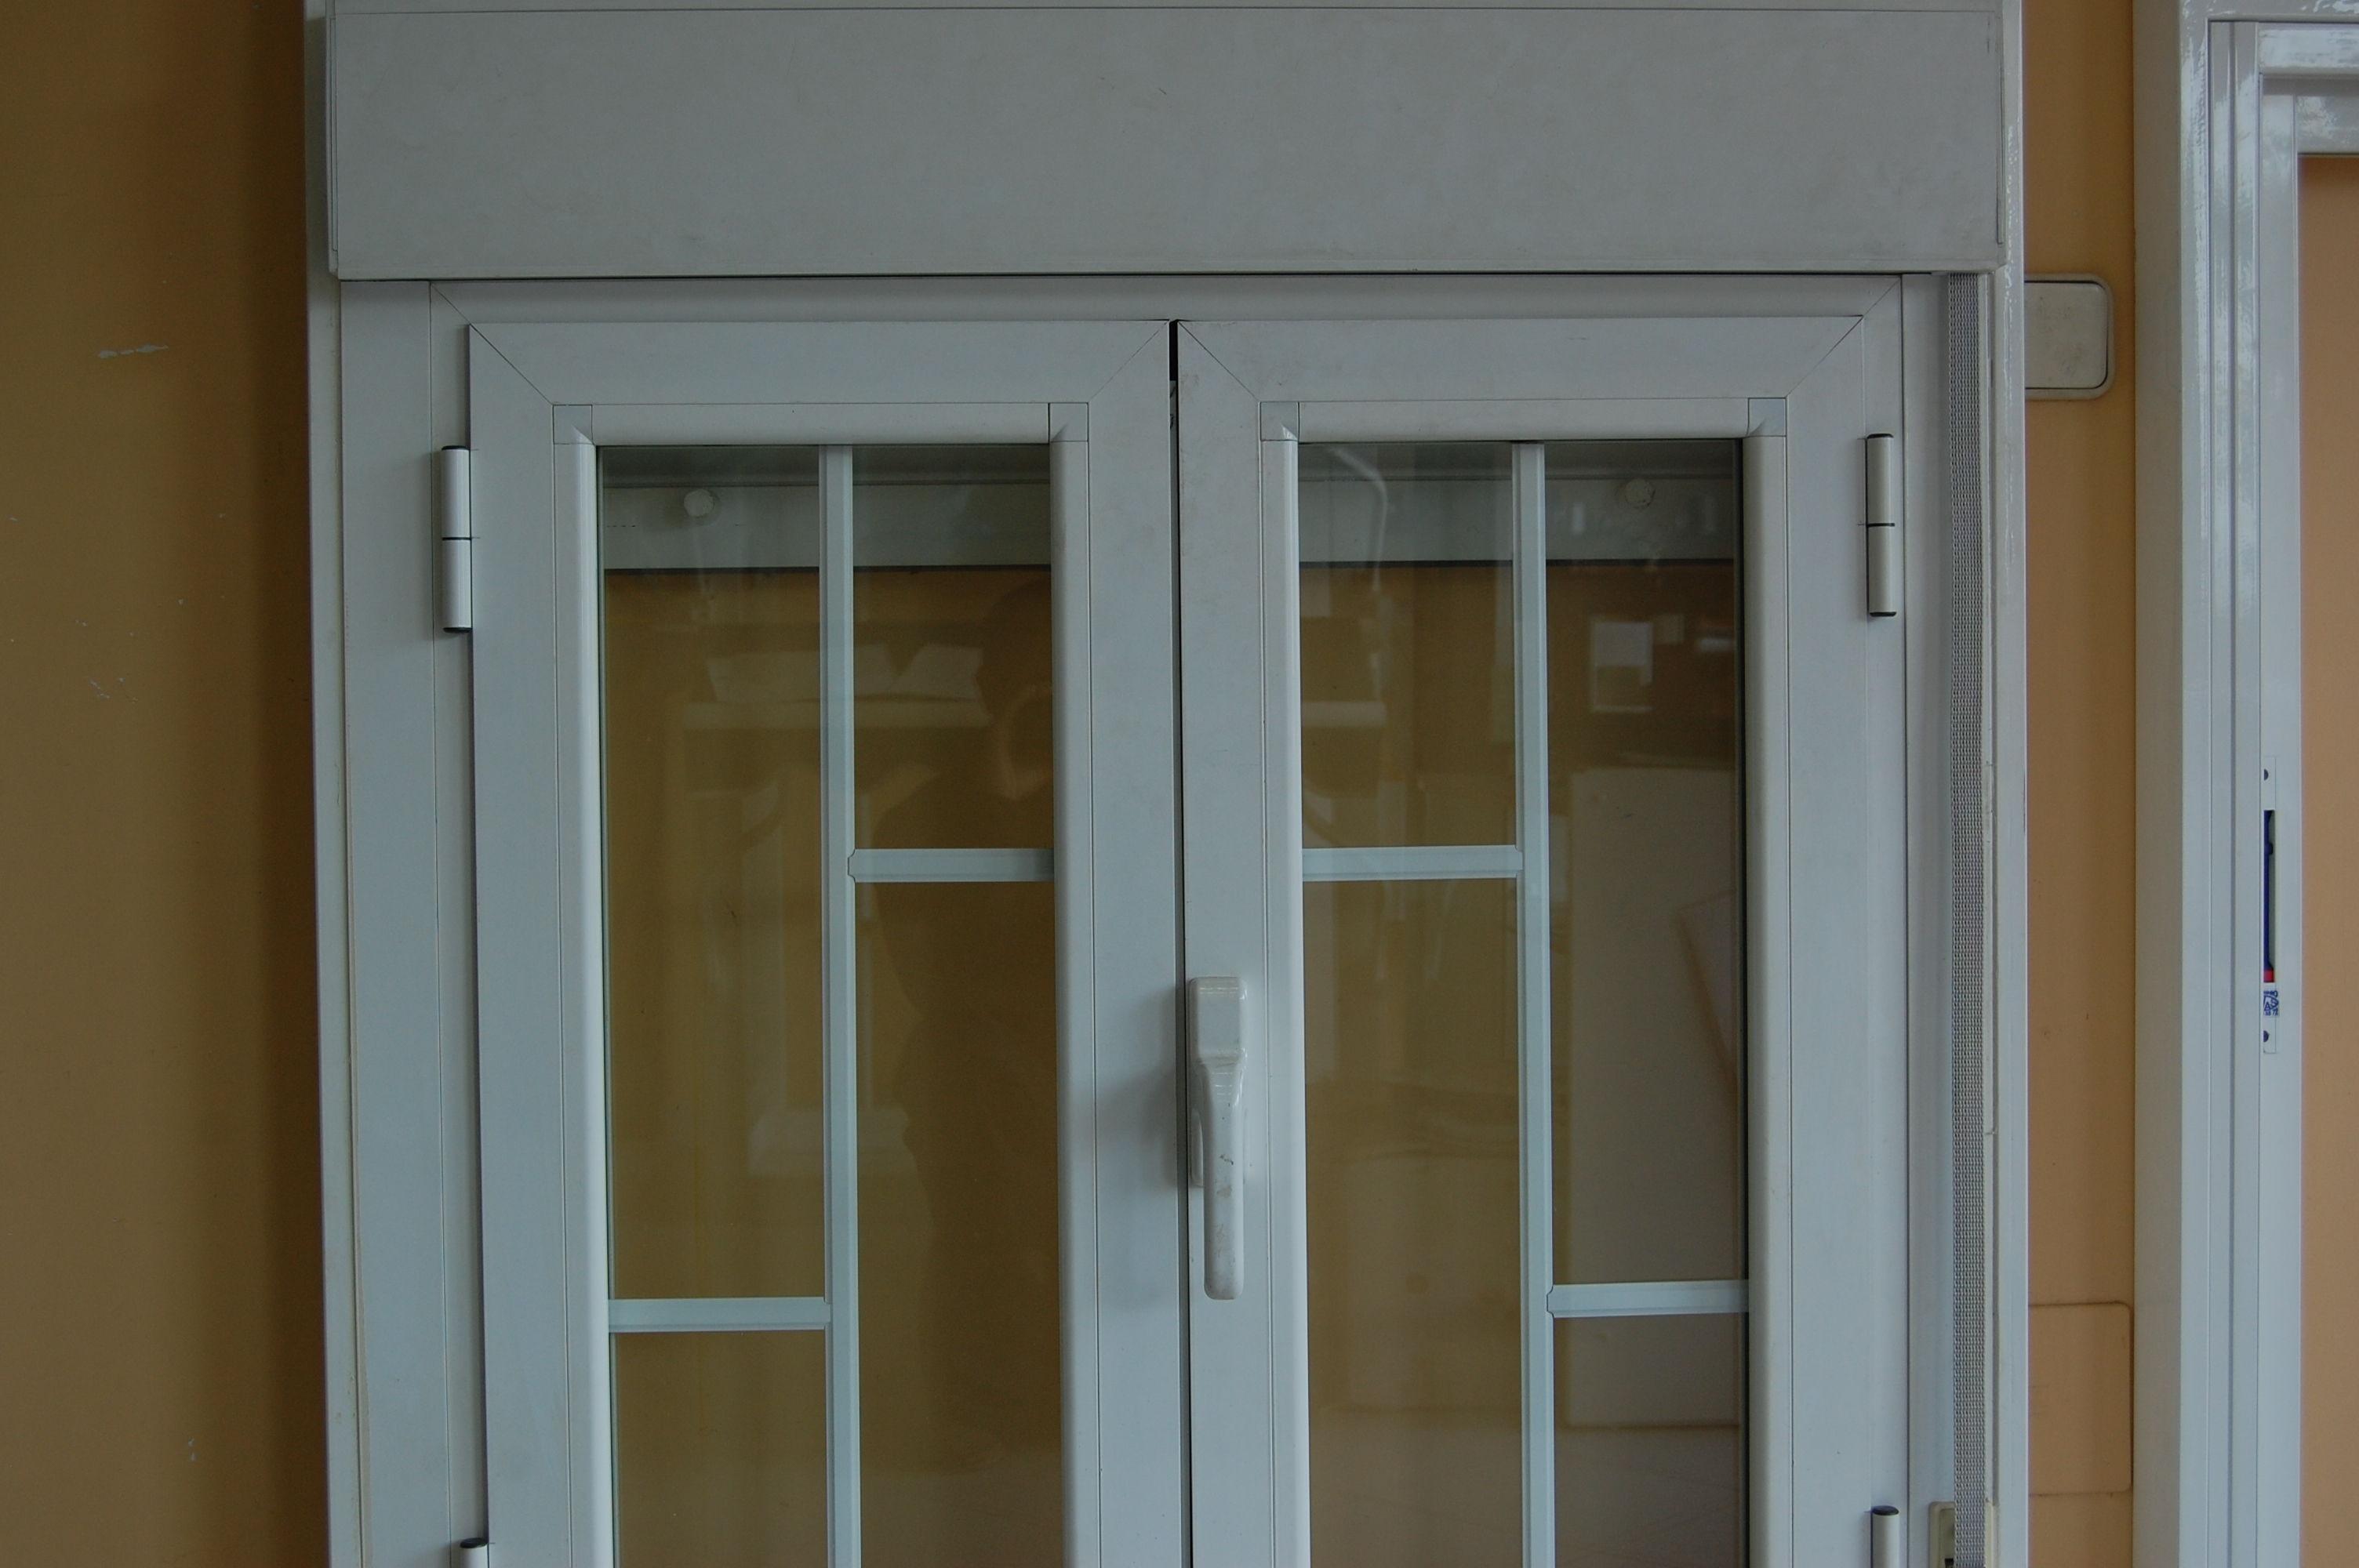 Catalogo ventanas aluminio car interior design for Catalogo puertas aluminio